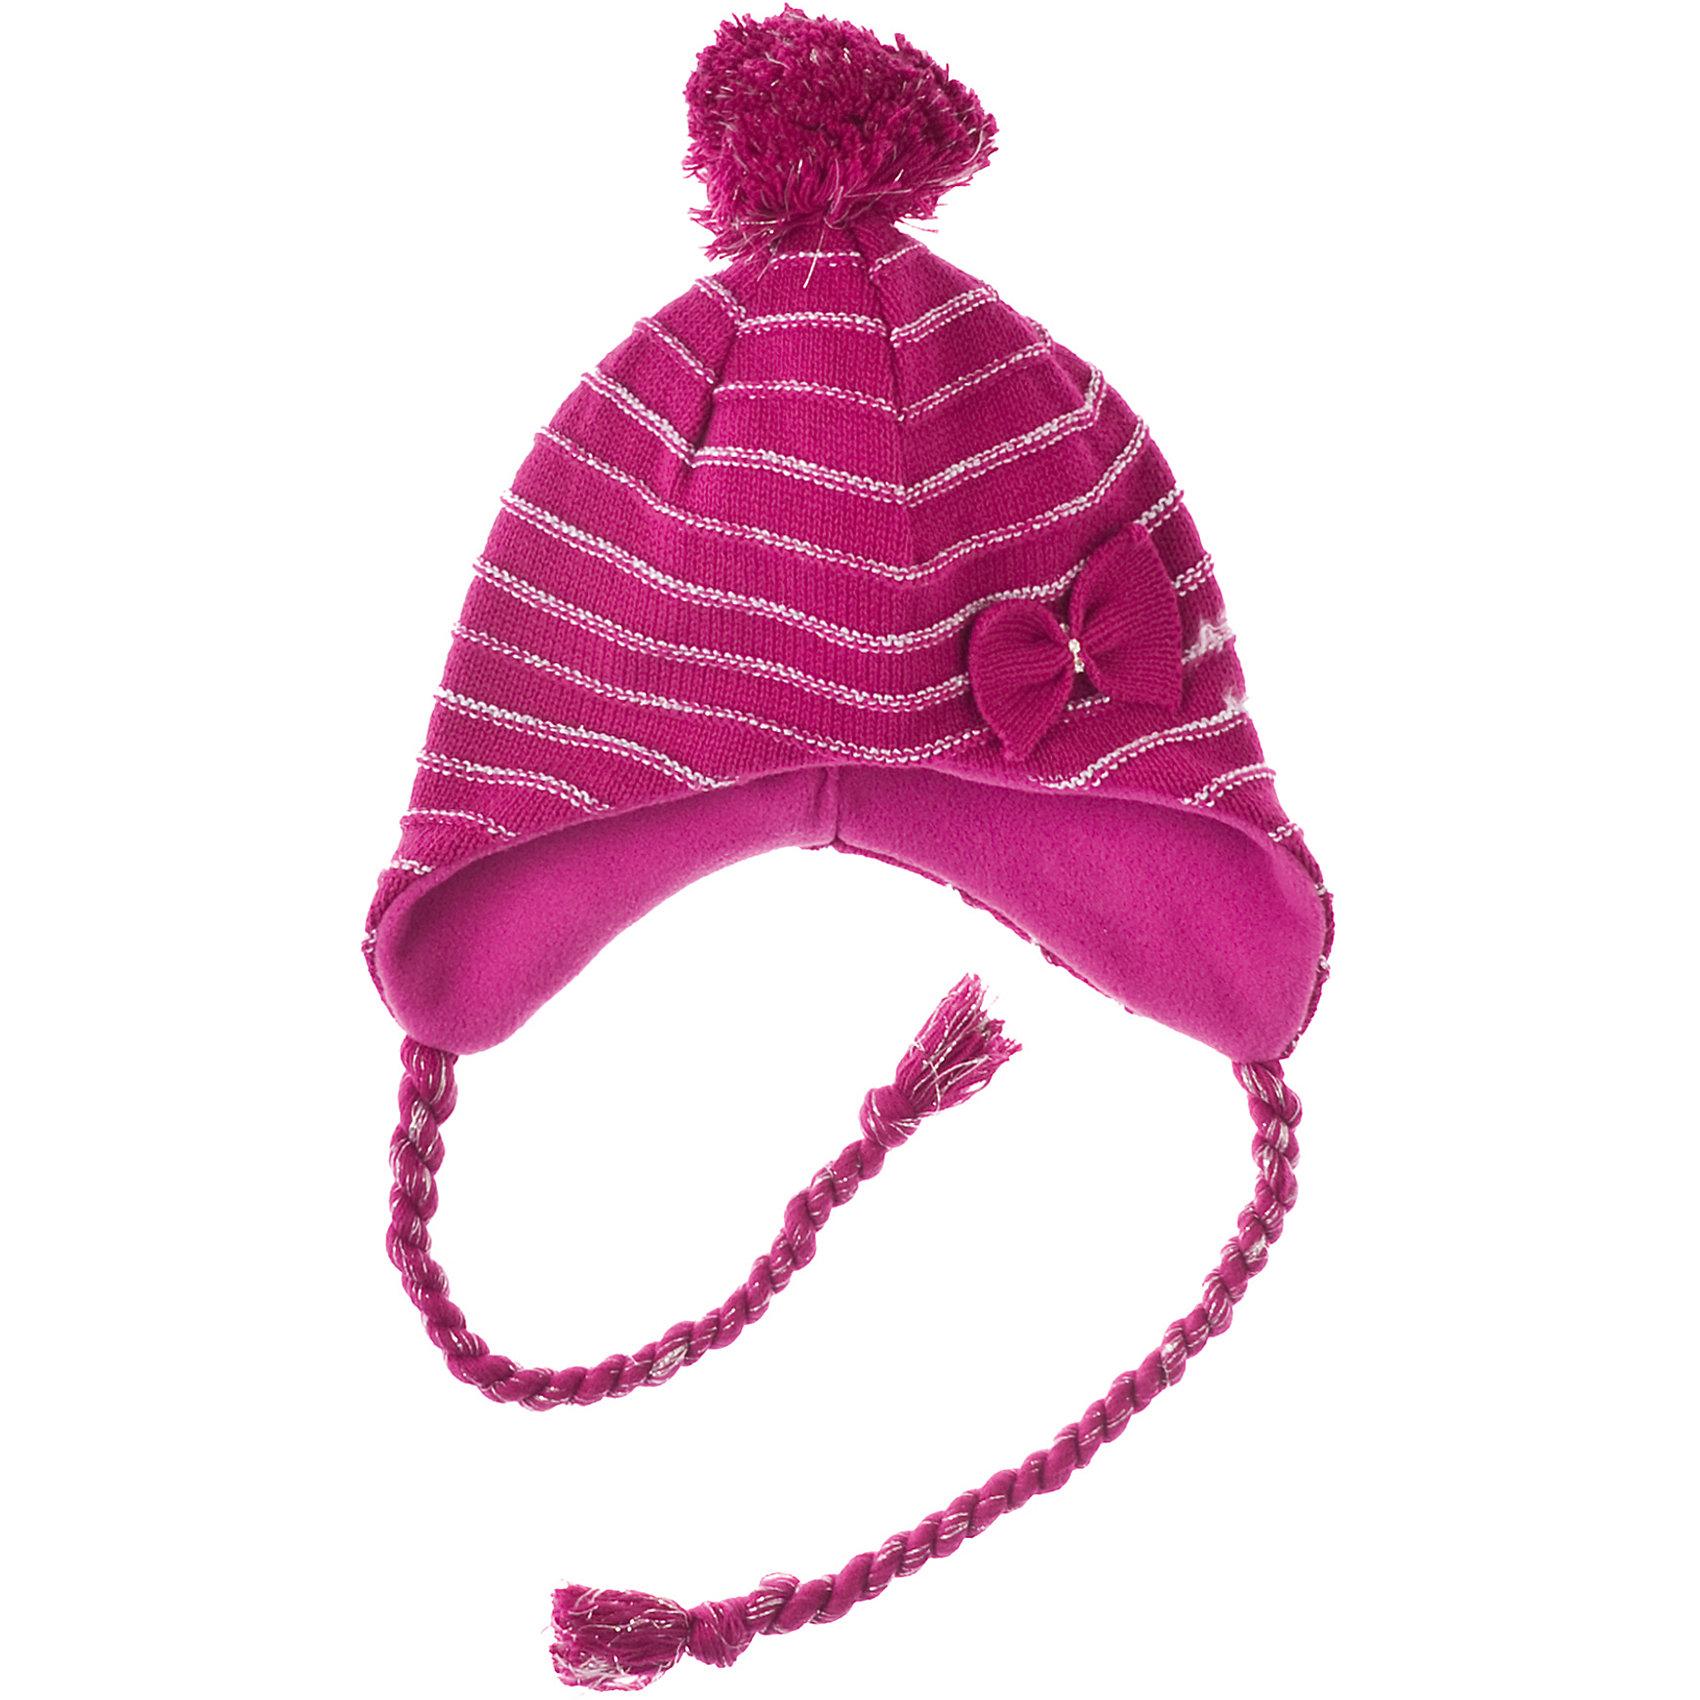 Шапка для девочки PlayTodayГоловные уборы<br>Шапка для девочки PlayToday Теплая шапка с подкладкой из флиса. Украшена помпоном. Состав: 60% хлопок, 38% акрил, 2% люрекс Подкладка:100% полиэстер,<br><br>Ширина мм: 89<br>Глубина мм: 117<br>Высота мм: 44<br>Вес г: 155<br>Цвет: фуксия<br>Возраст от месяцев: 84<br>Возраст до месяцев: 96<br>Пол: Женский<br>Возраст: Детский<br>Размер: 54,52,50<br>SKU: 4228089